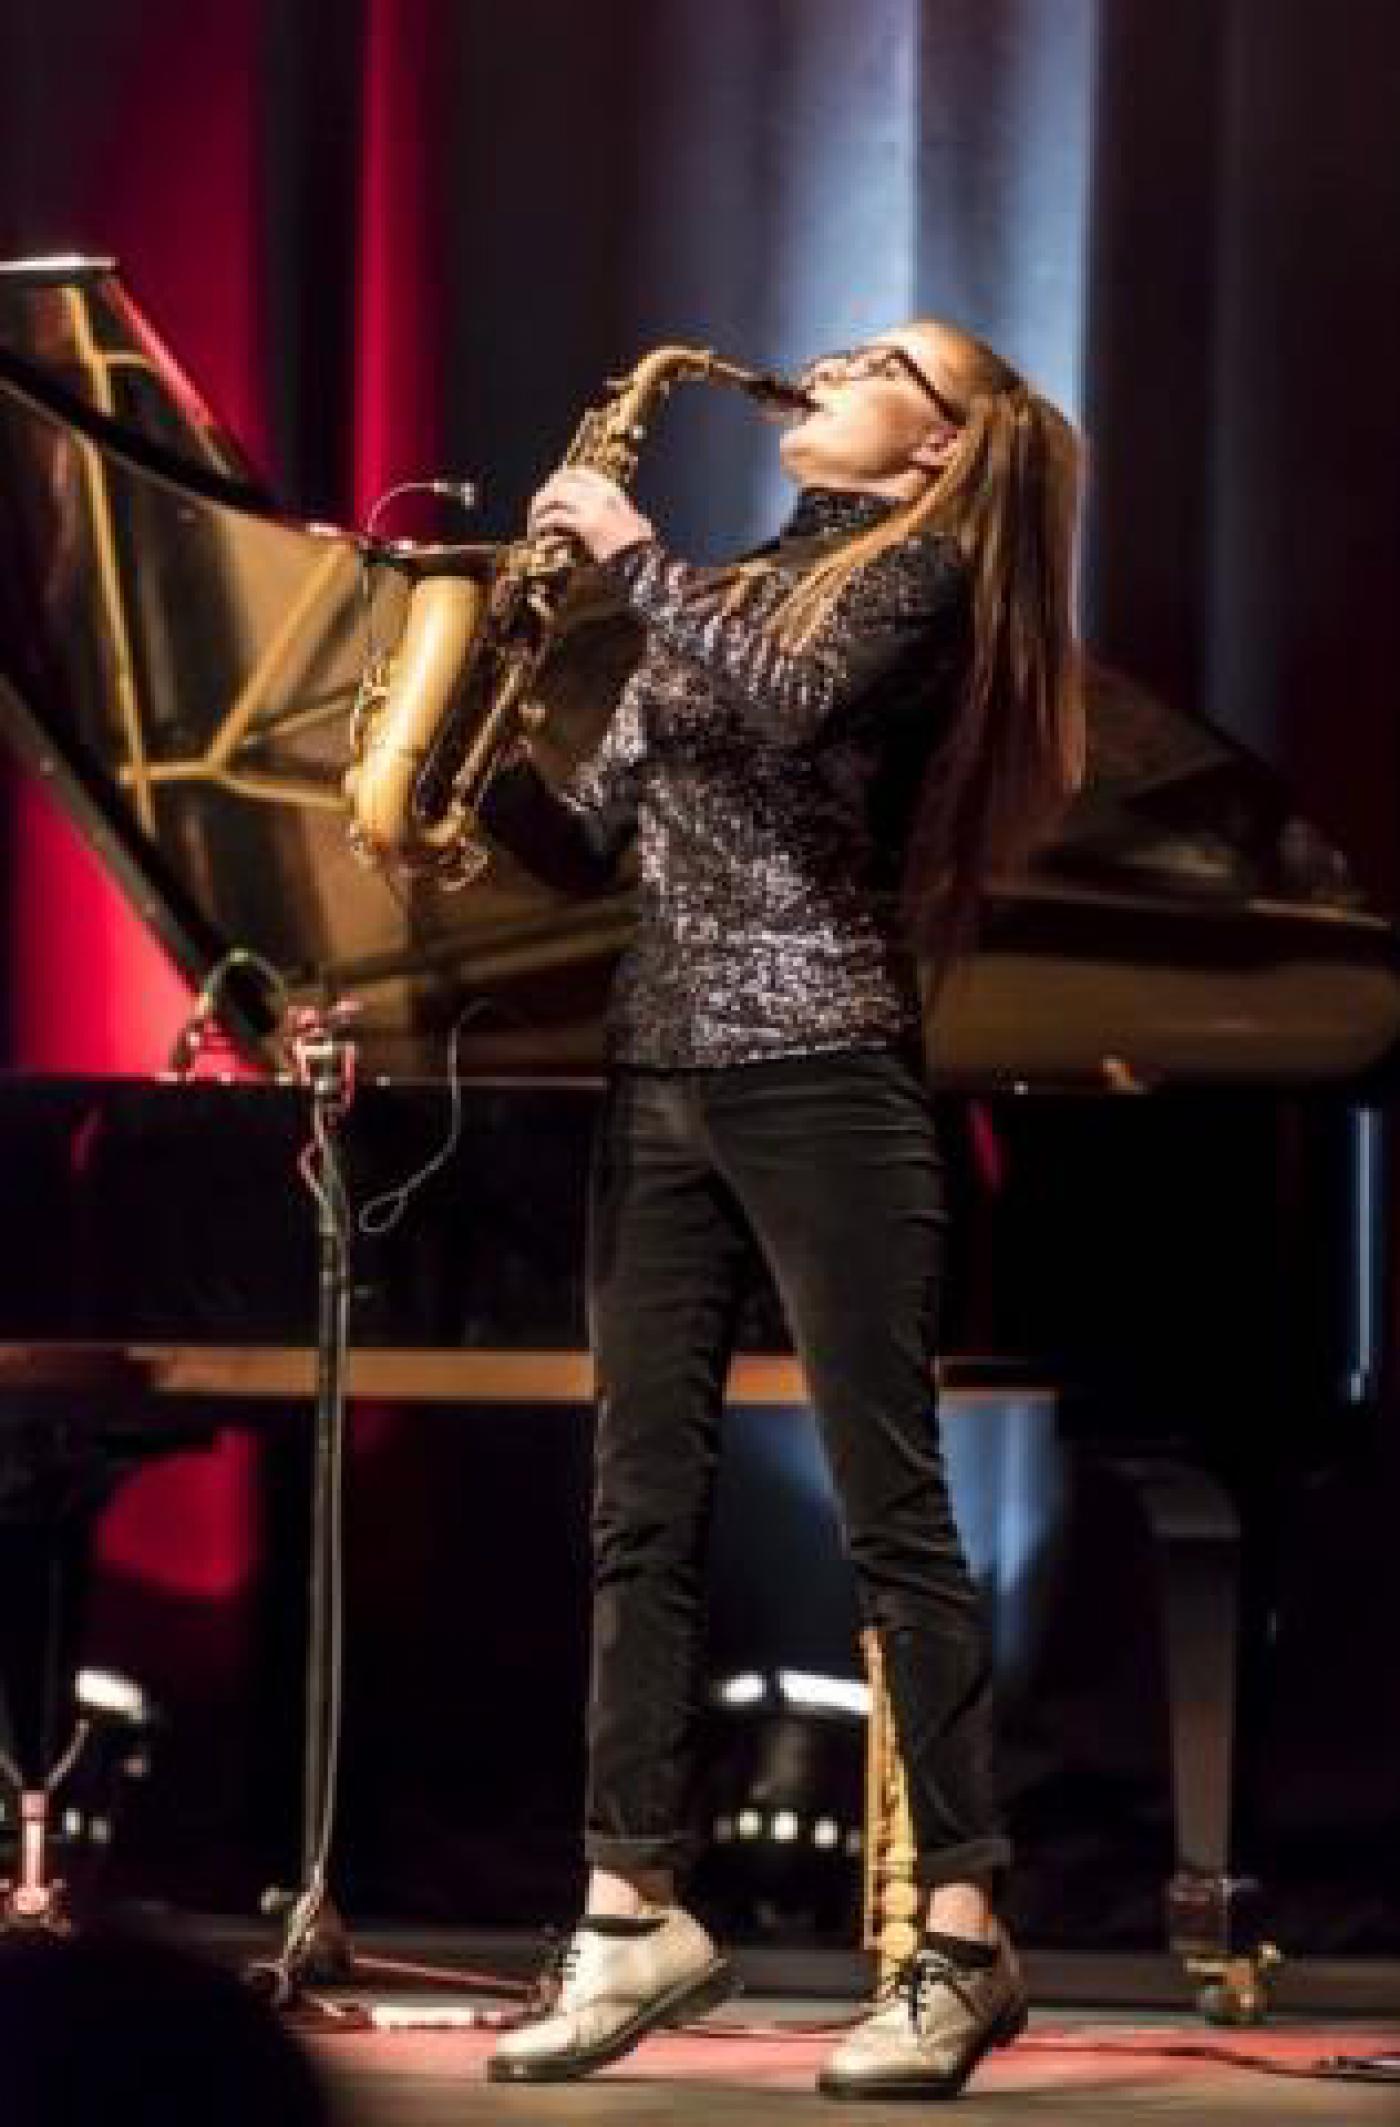 Saxofoon spelend meisje